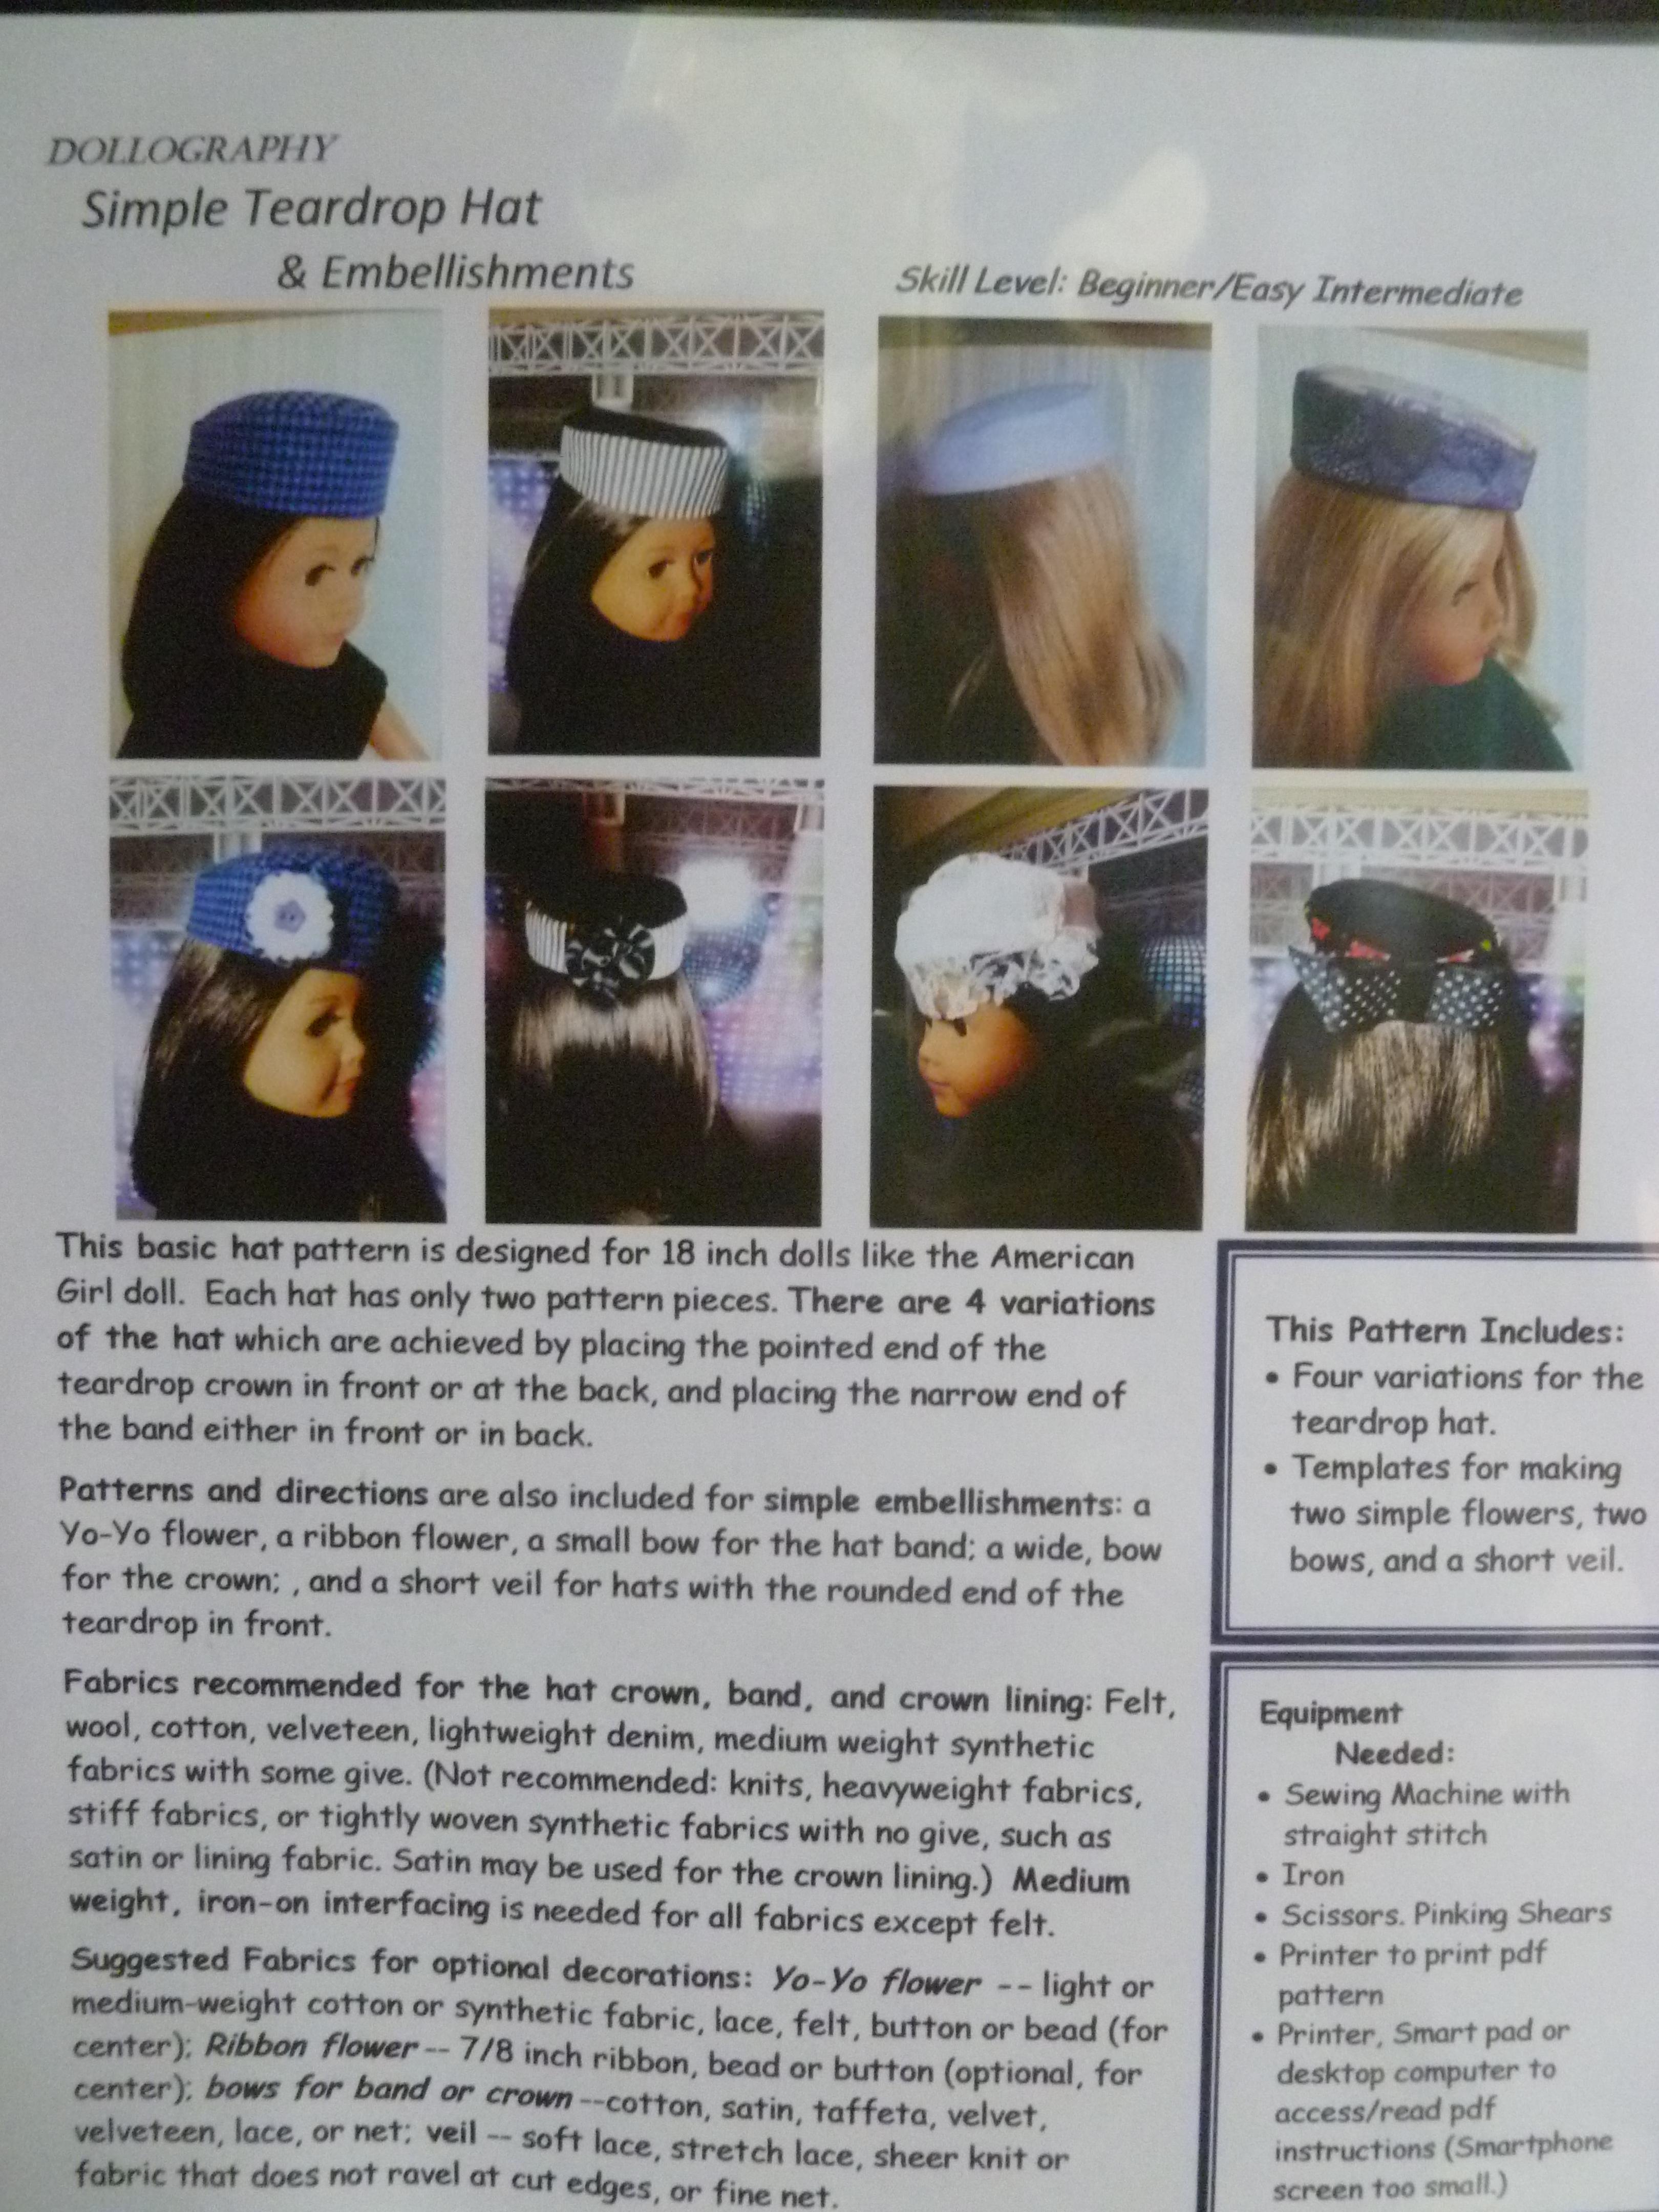 Simple Teardrop Hat Pattern